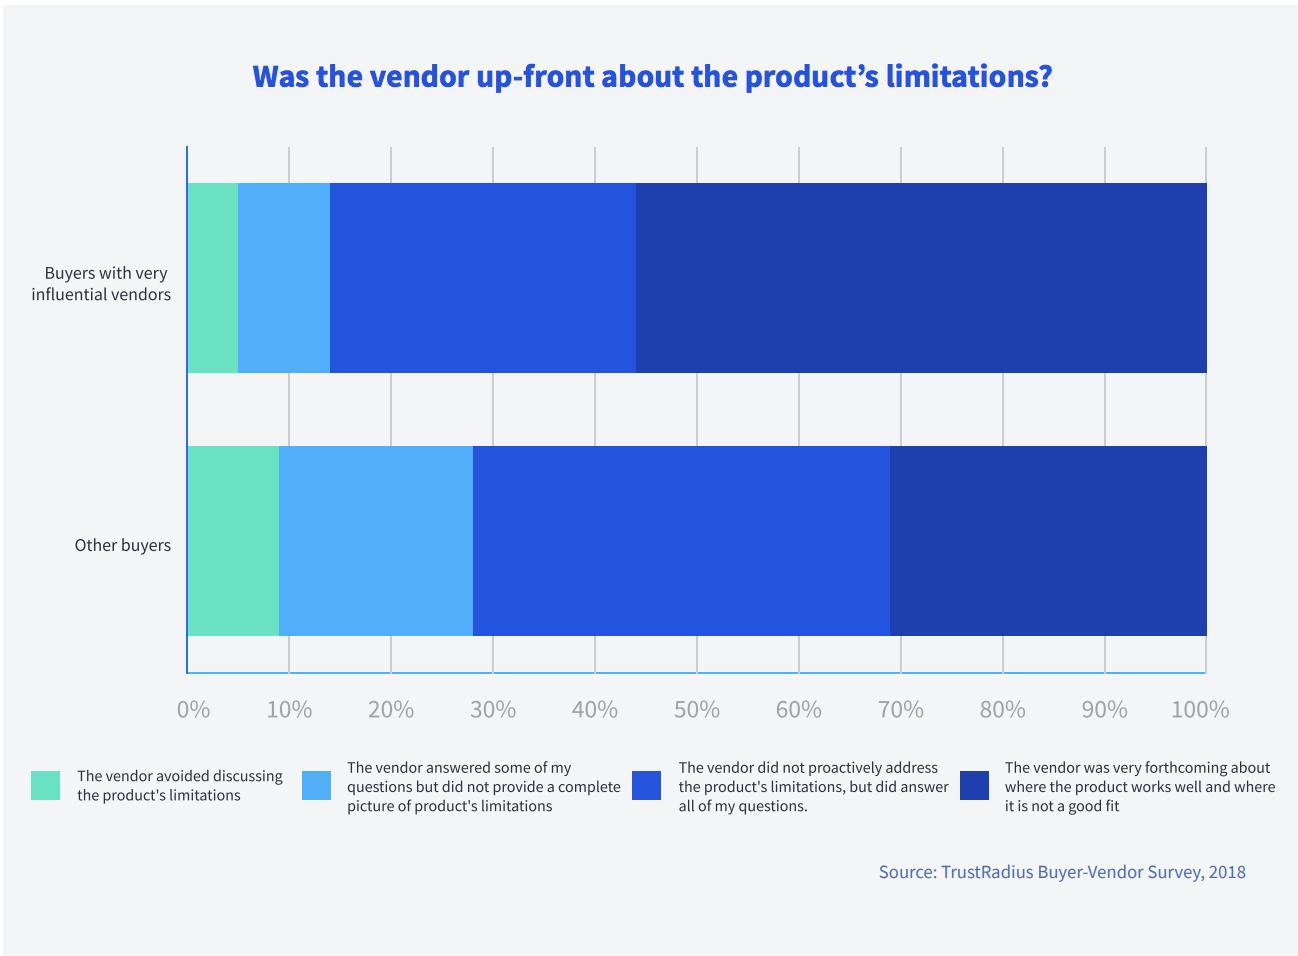 Limitaciones del producto mencionadas en las ventas: parte del proceso de calificación de clientes potenciales.